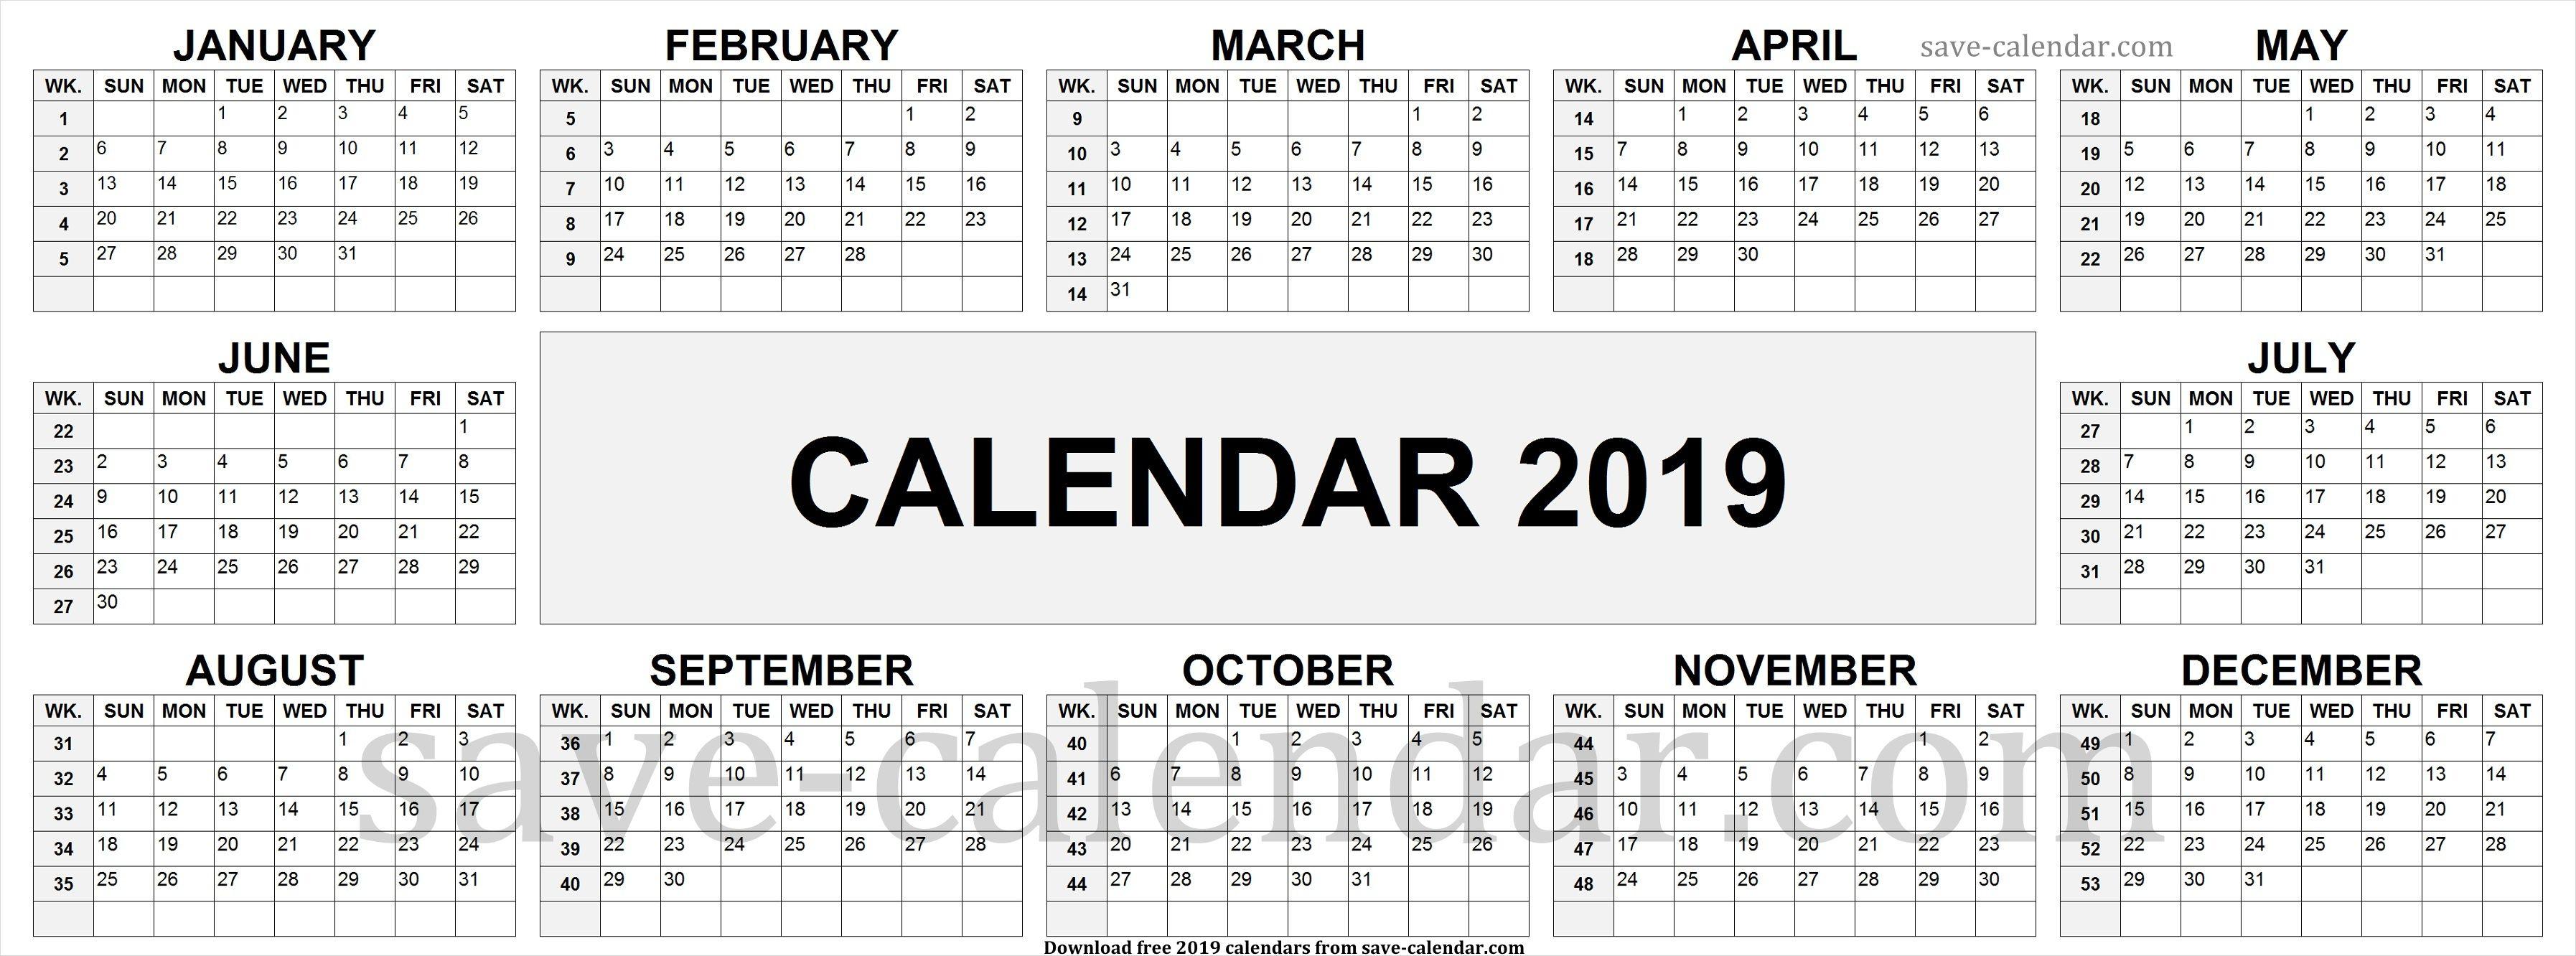 2019 Calendarweek Numbers | Calendar 2019 With Week